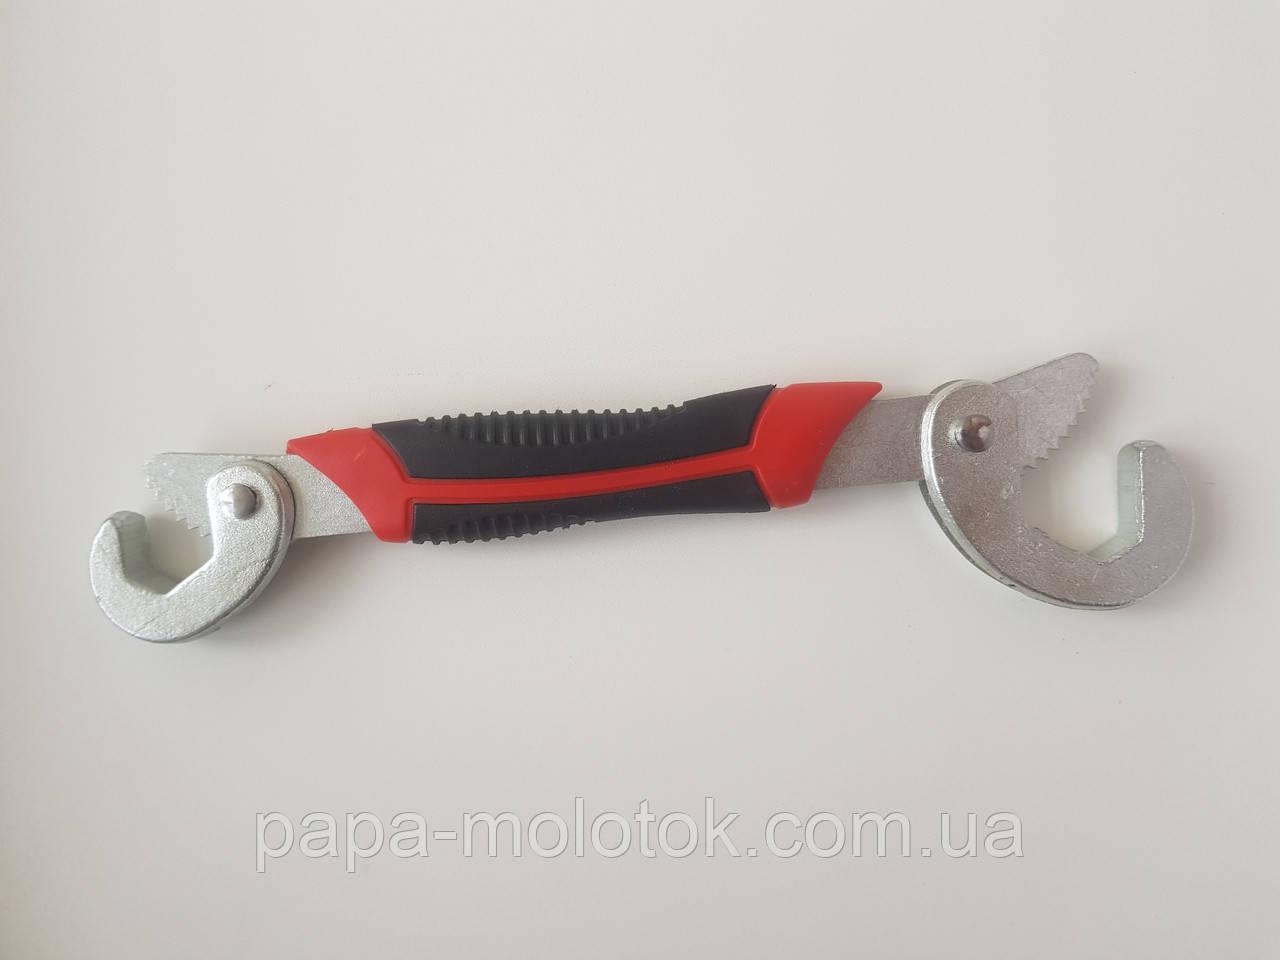 Универсальный гаечный ключ 9-22 мм